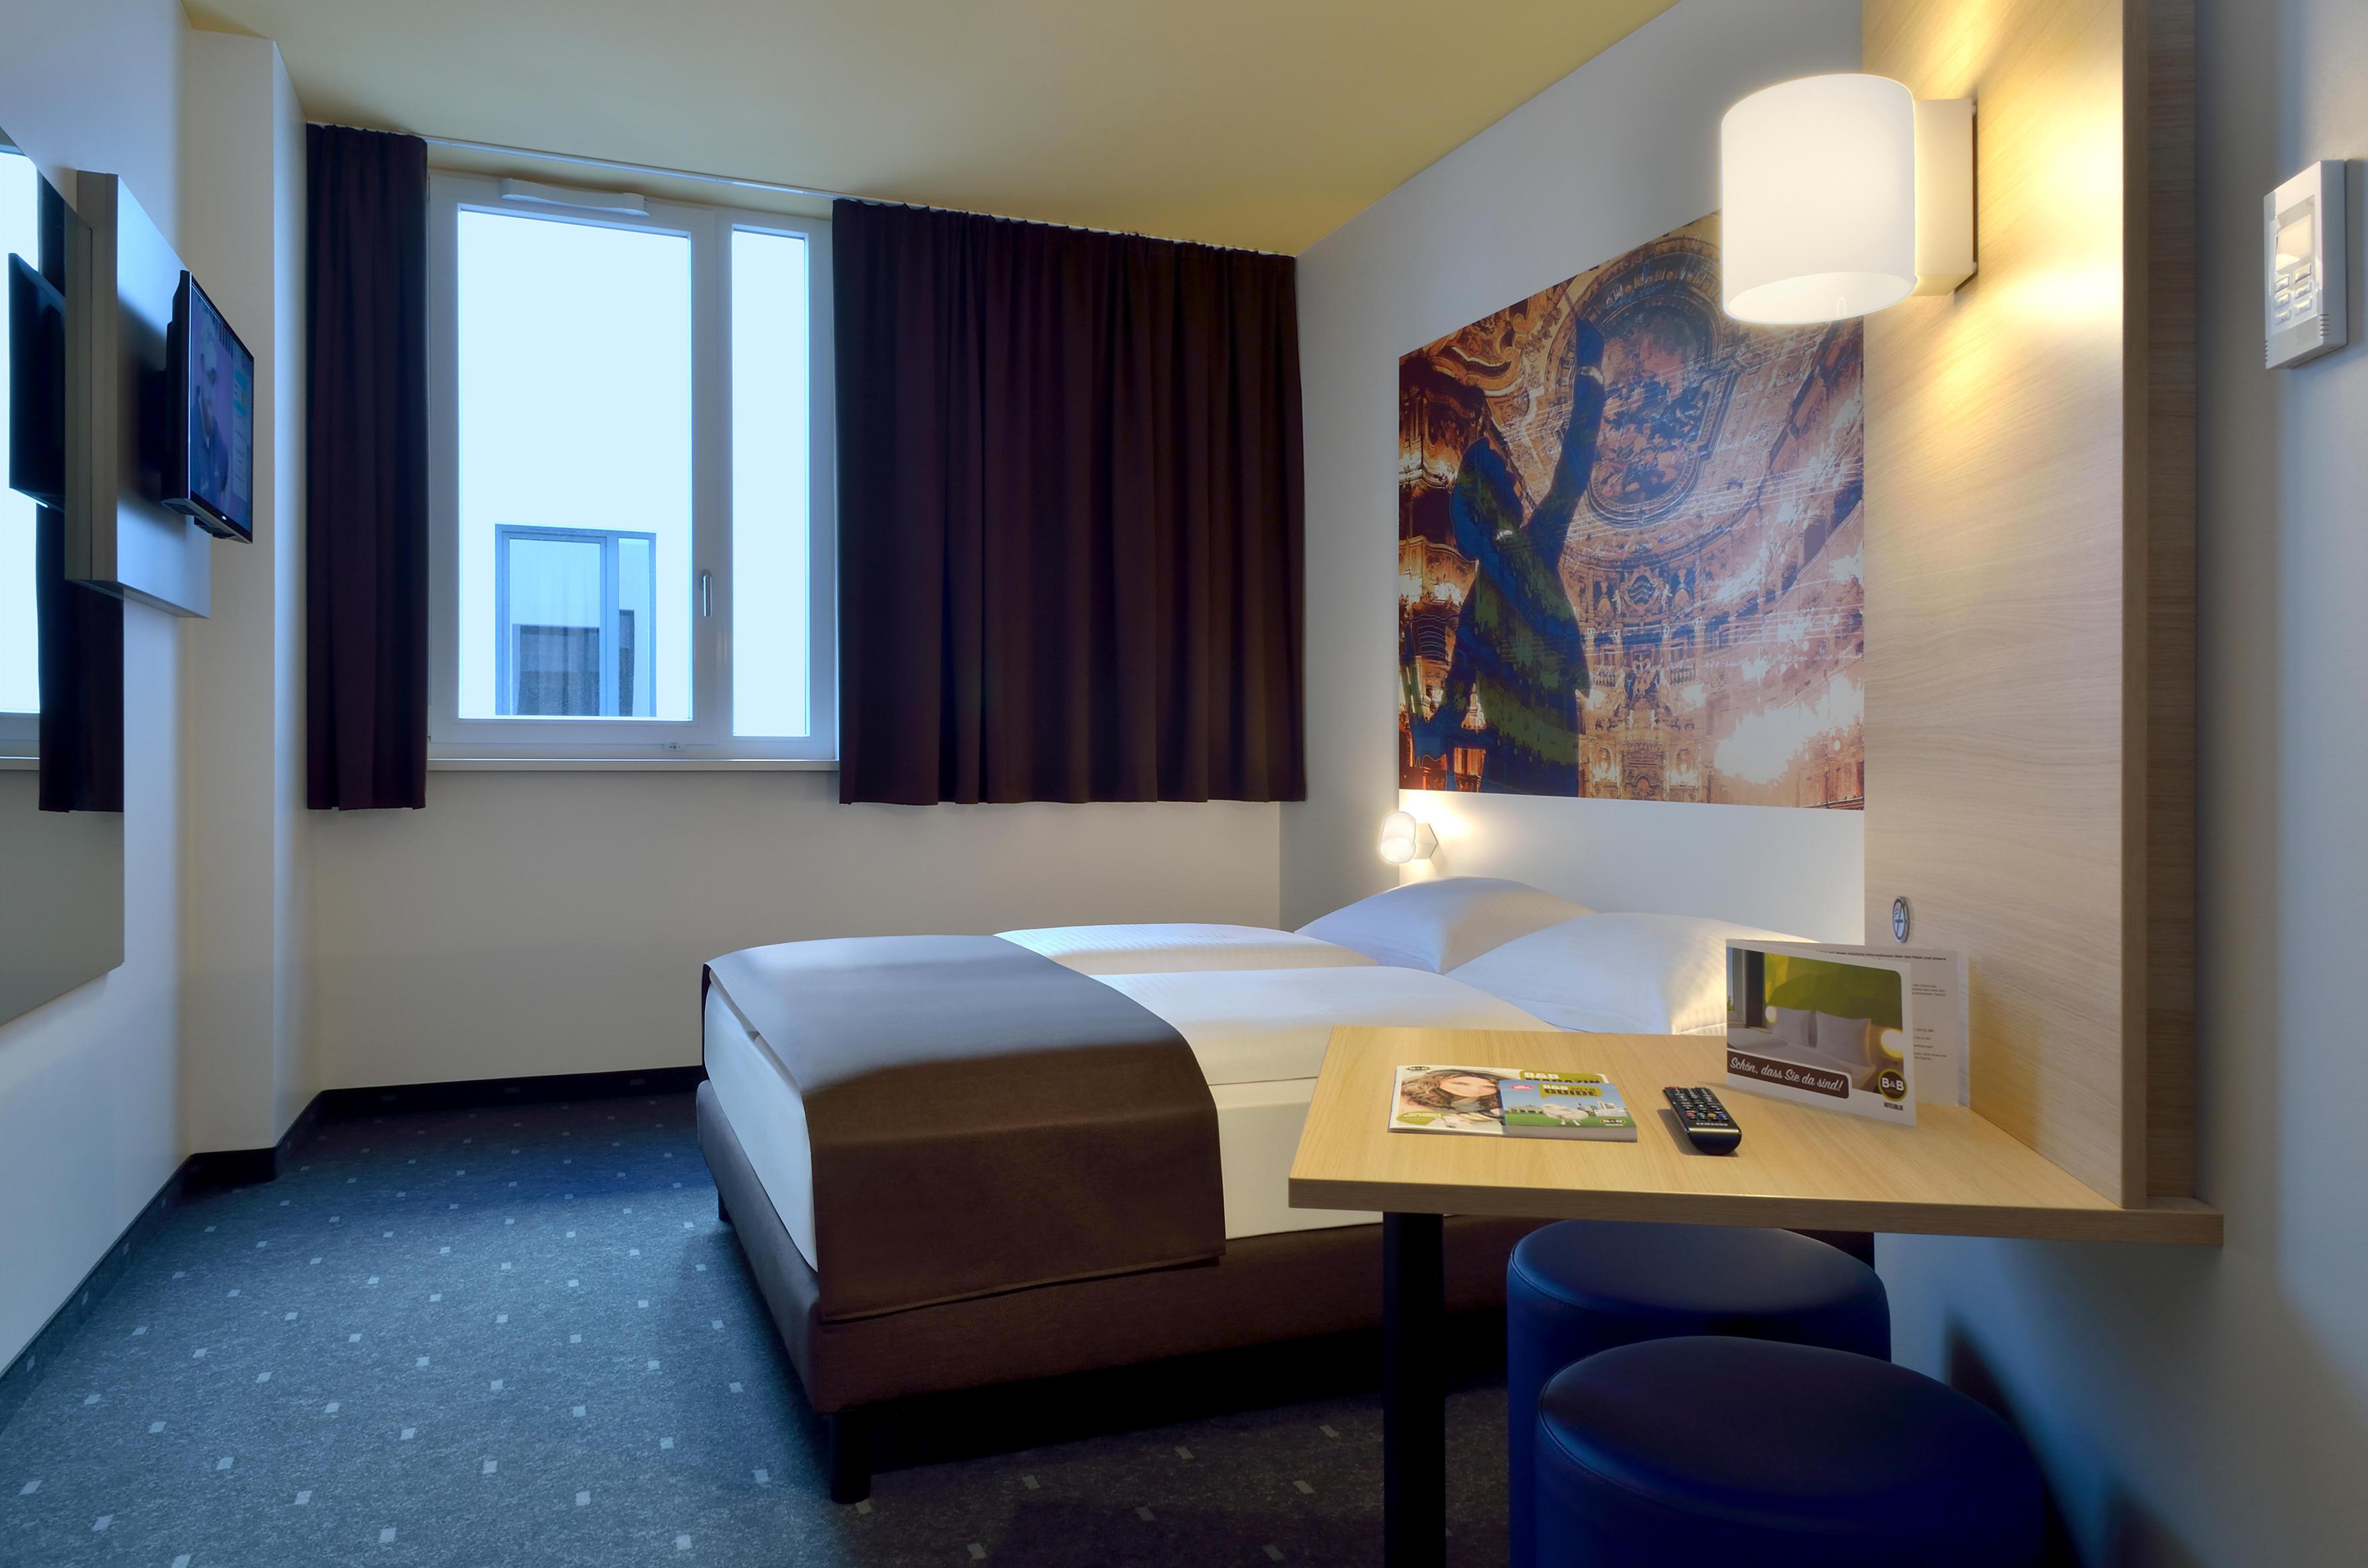 Zimmer mit französischem Bett